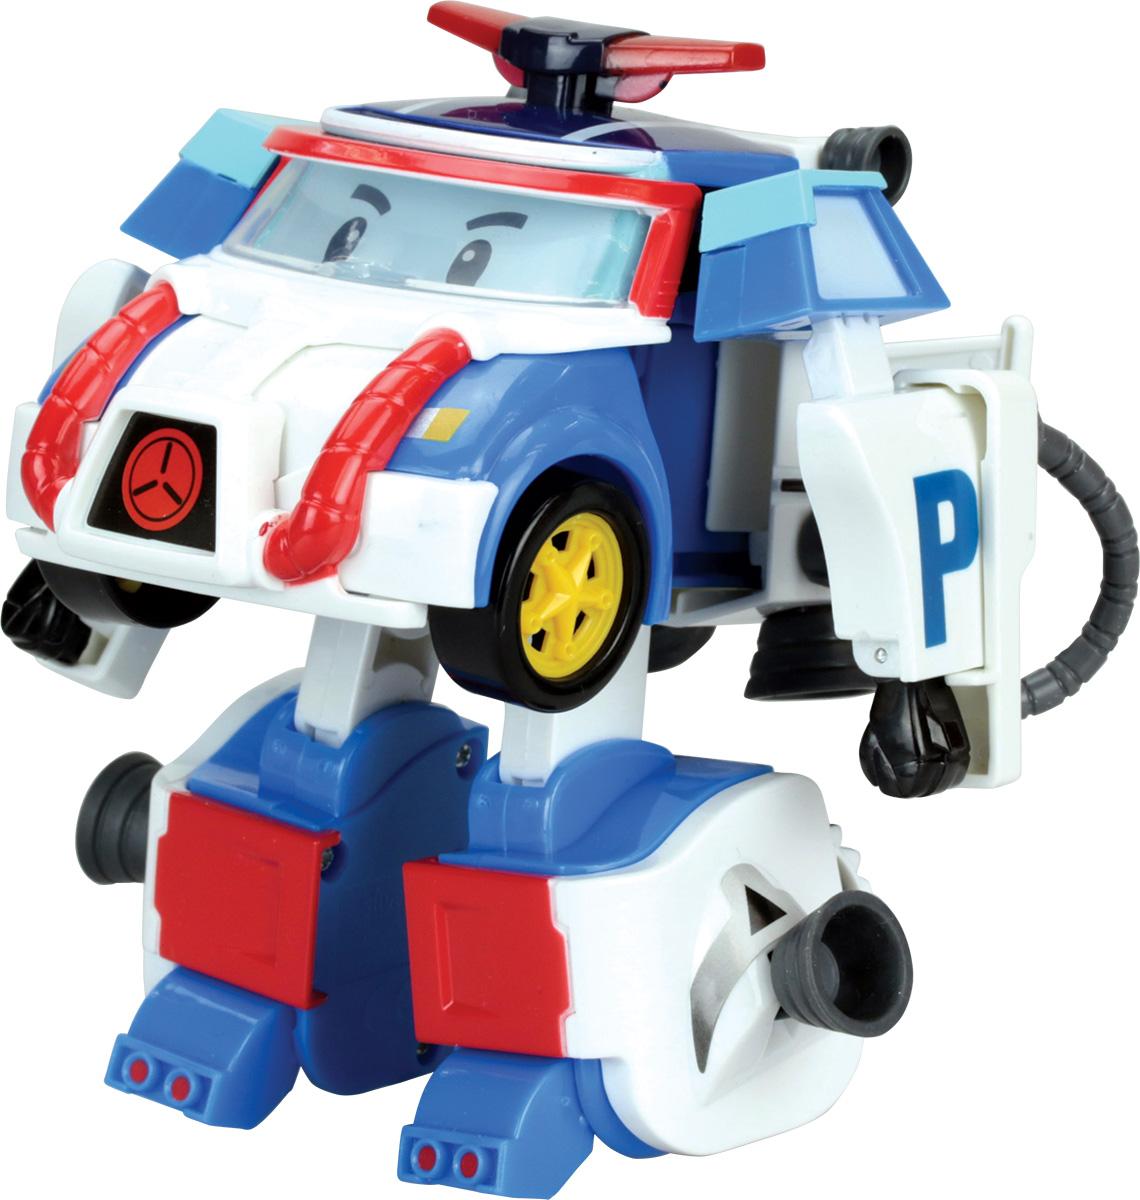 Robocar Poli Игрушка-трансформер Поли 10 см robocar poli робот трансформер на радиоуправлении поли